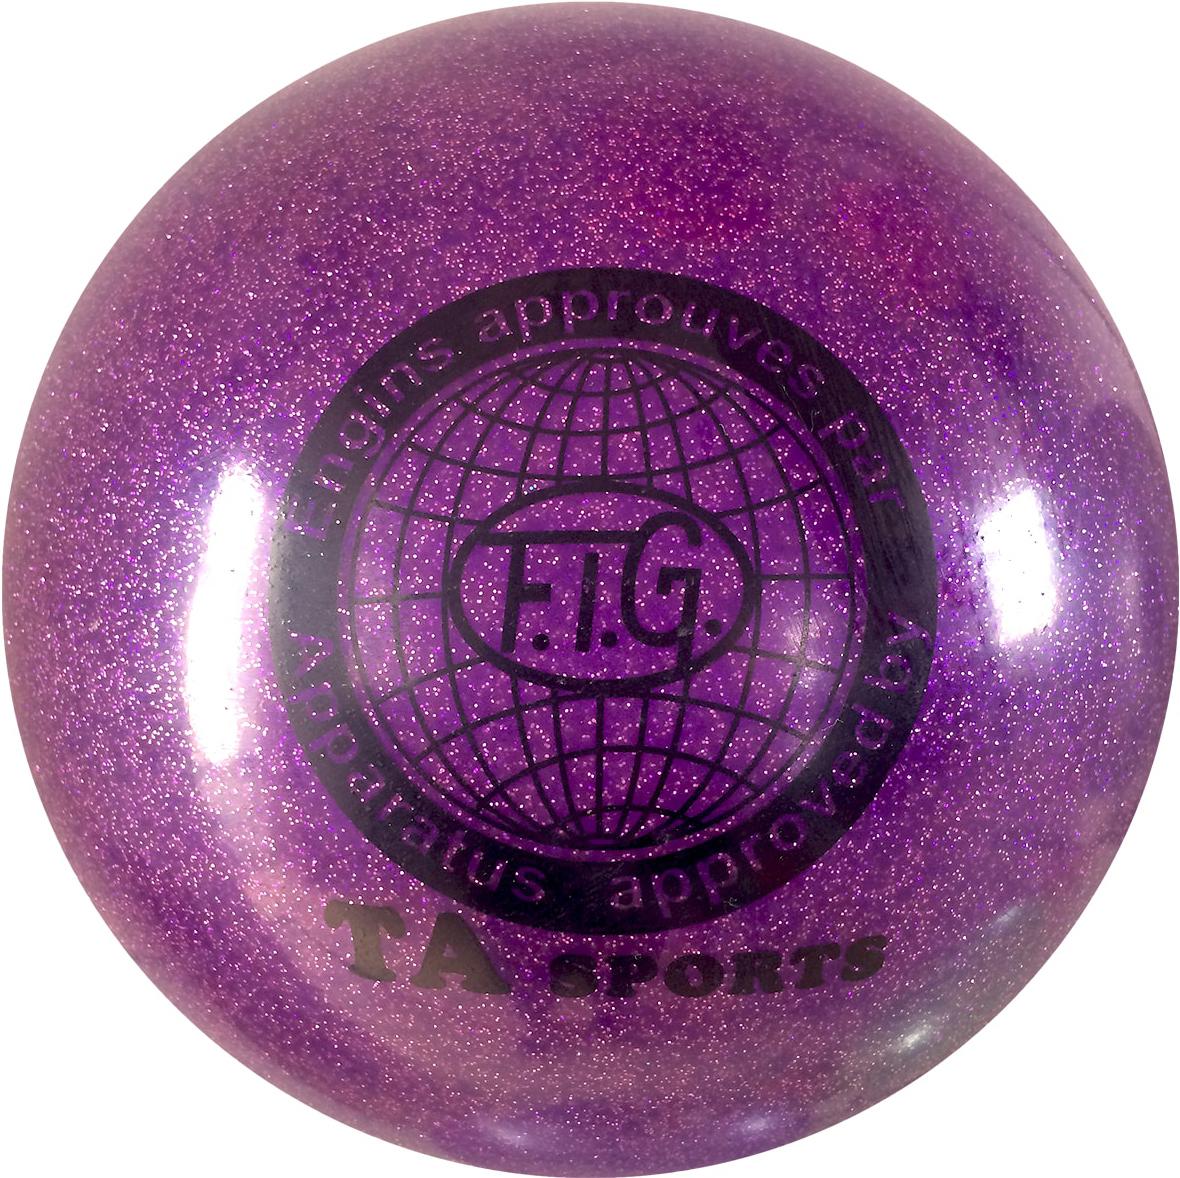 Мяч для художественной гимнастики TA-Sport RGB-102, с блестками, цвет: фиолетовый, диаметр 19 смУТ-00010341Практичный и надежный мяч для художественной гимнастики диаметром 15 см. Цвет яркий, однотонный, без глиттера. Мяч диаметром 15 см предназначен для гимнасток самого юного возраста (от 4 до 7 лет). Как правило, цвет мяча подбирается под образ и костюм гимнастки.Хранить мяч нужно в чехле, чтобы на нем не появились царапины. Мячи с разноцветным покрытием или с блёстками имеют тонкий слой красочного покрытия, требующий бережного отношения. В зимнее время следует использовать утеплённый чехол, чтобы мяч не сдувался от перепада температуры. Желательно избегать попадания прямых солнечных лучей.Характеристики:Размер: 15 смМатериал: ПВХВес: 0,28 кг